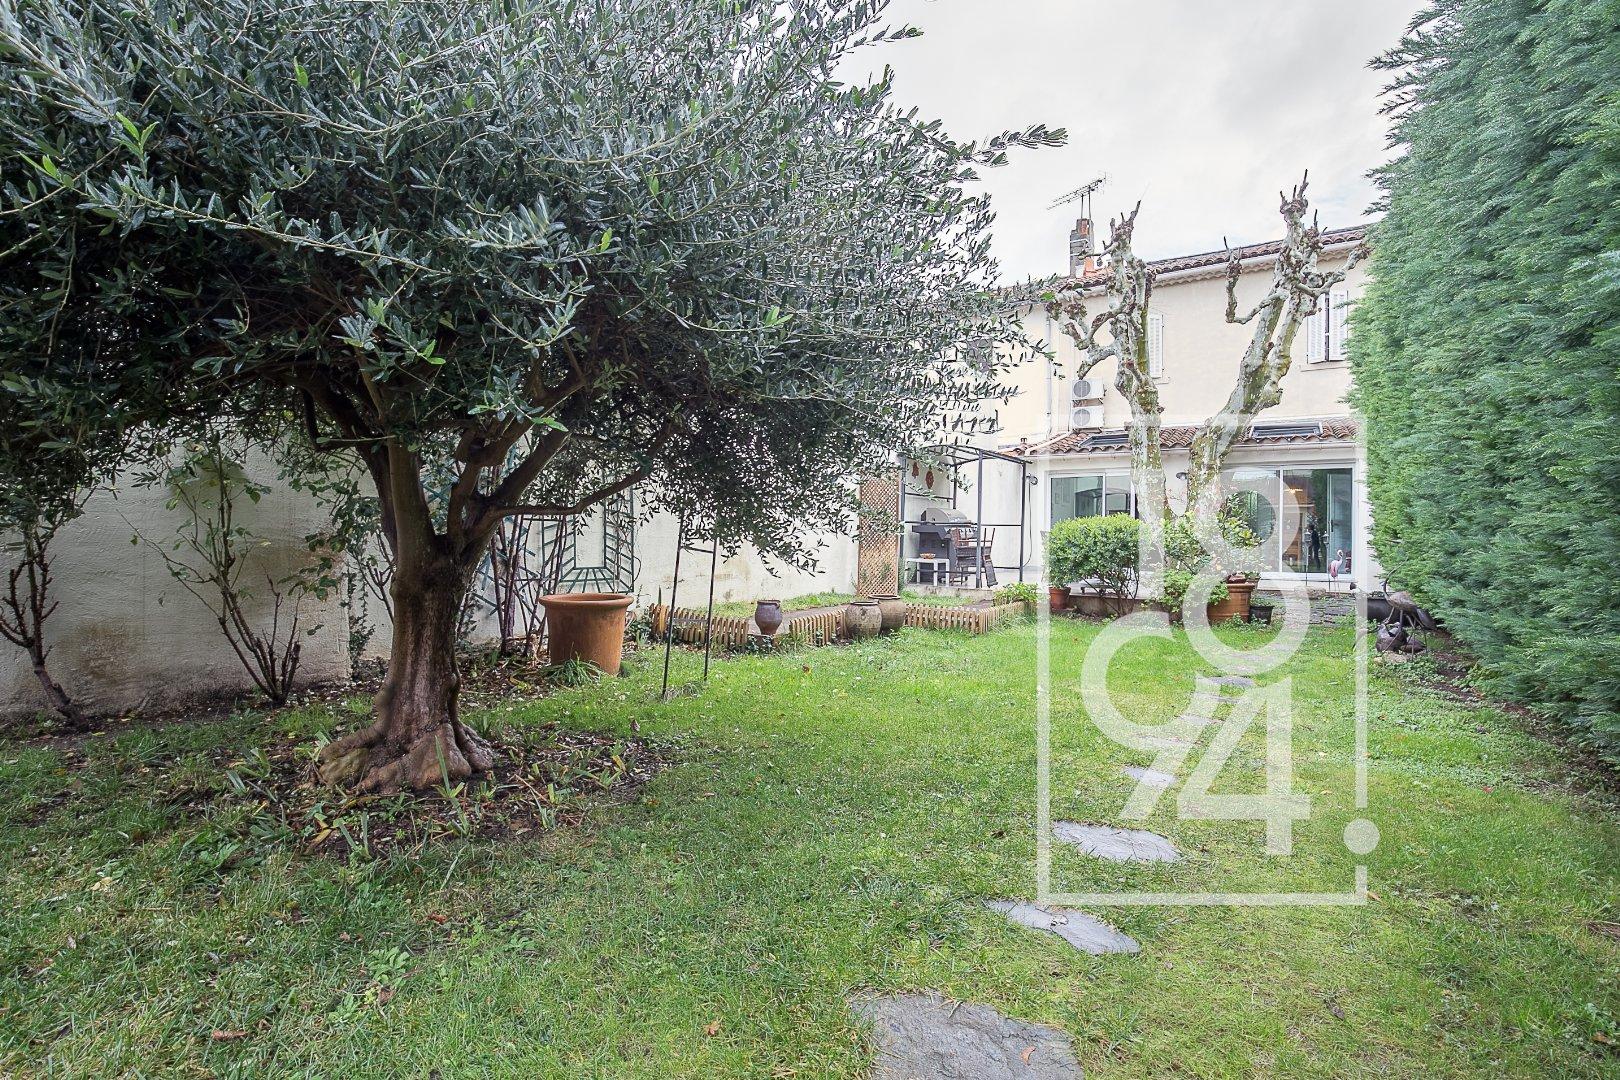 Maison de village 200m² avec jardin sur parcelle 312m²